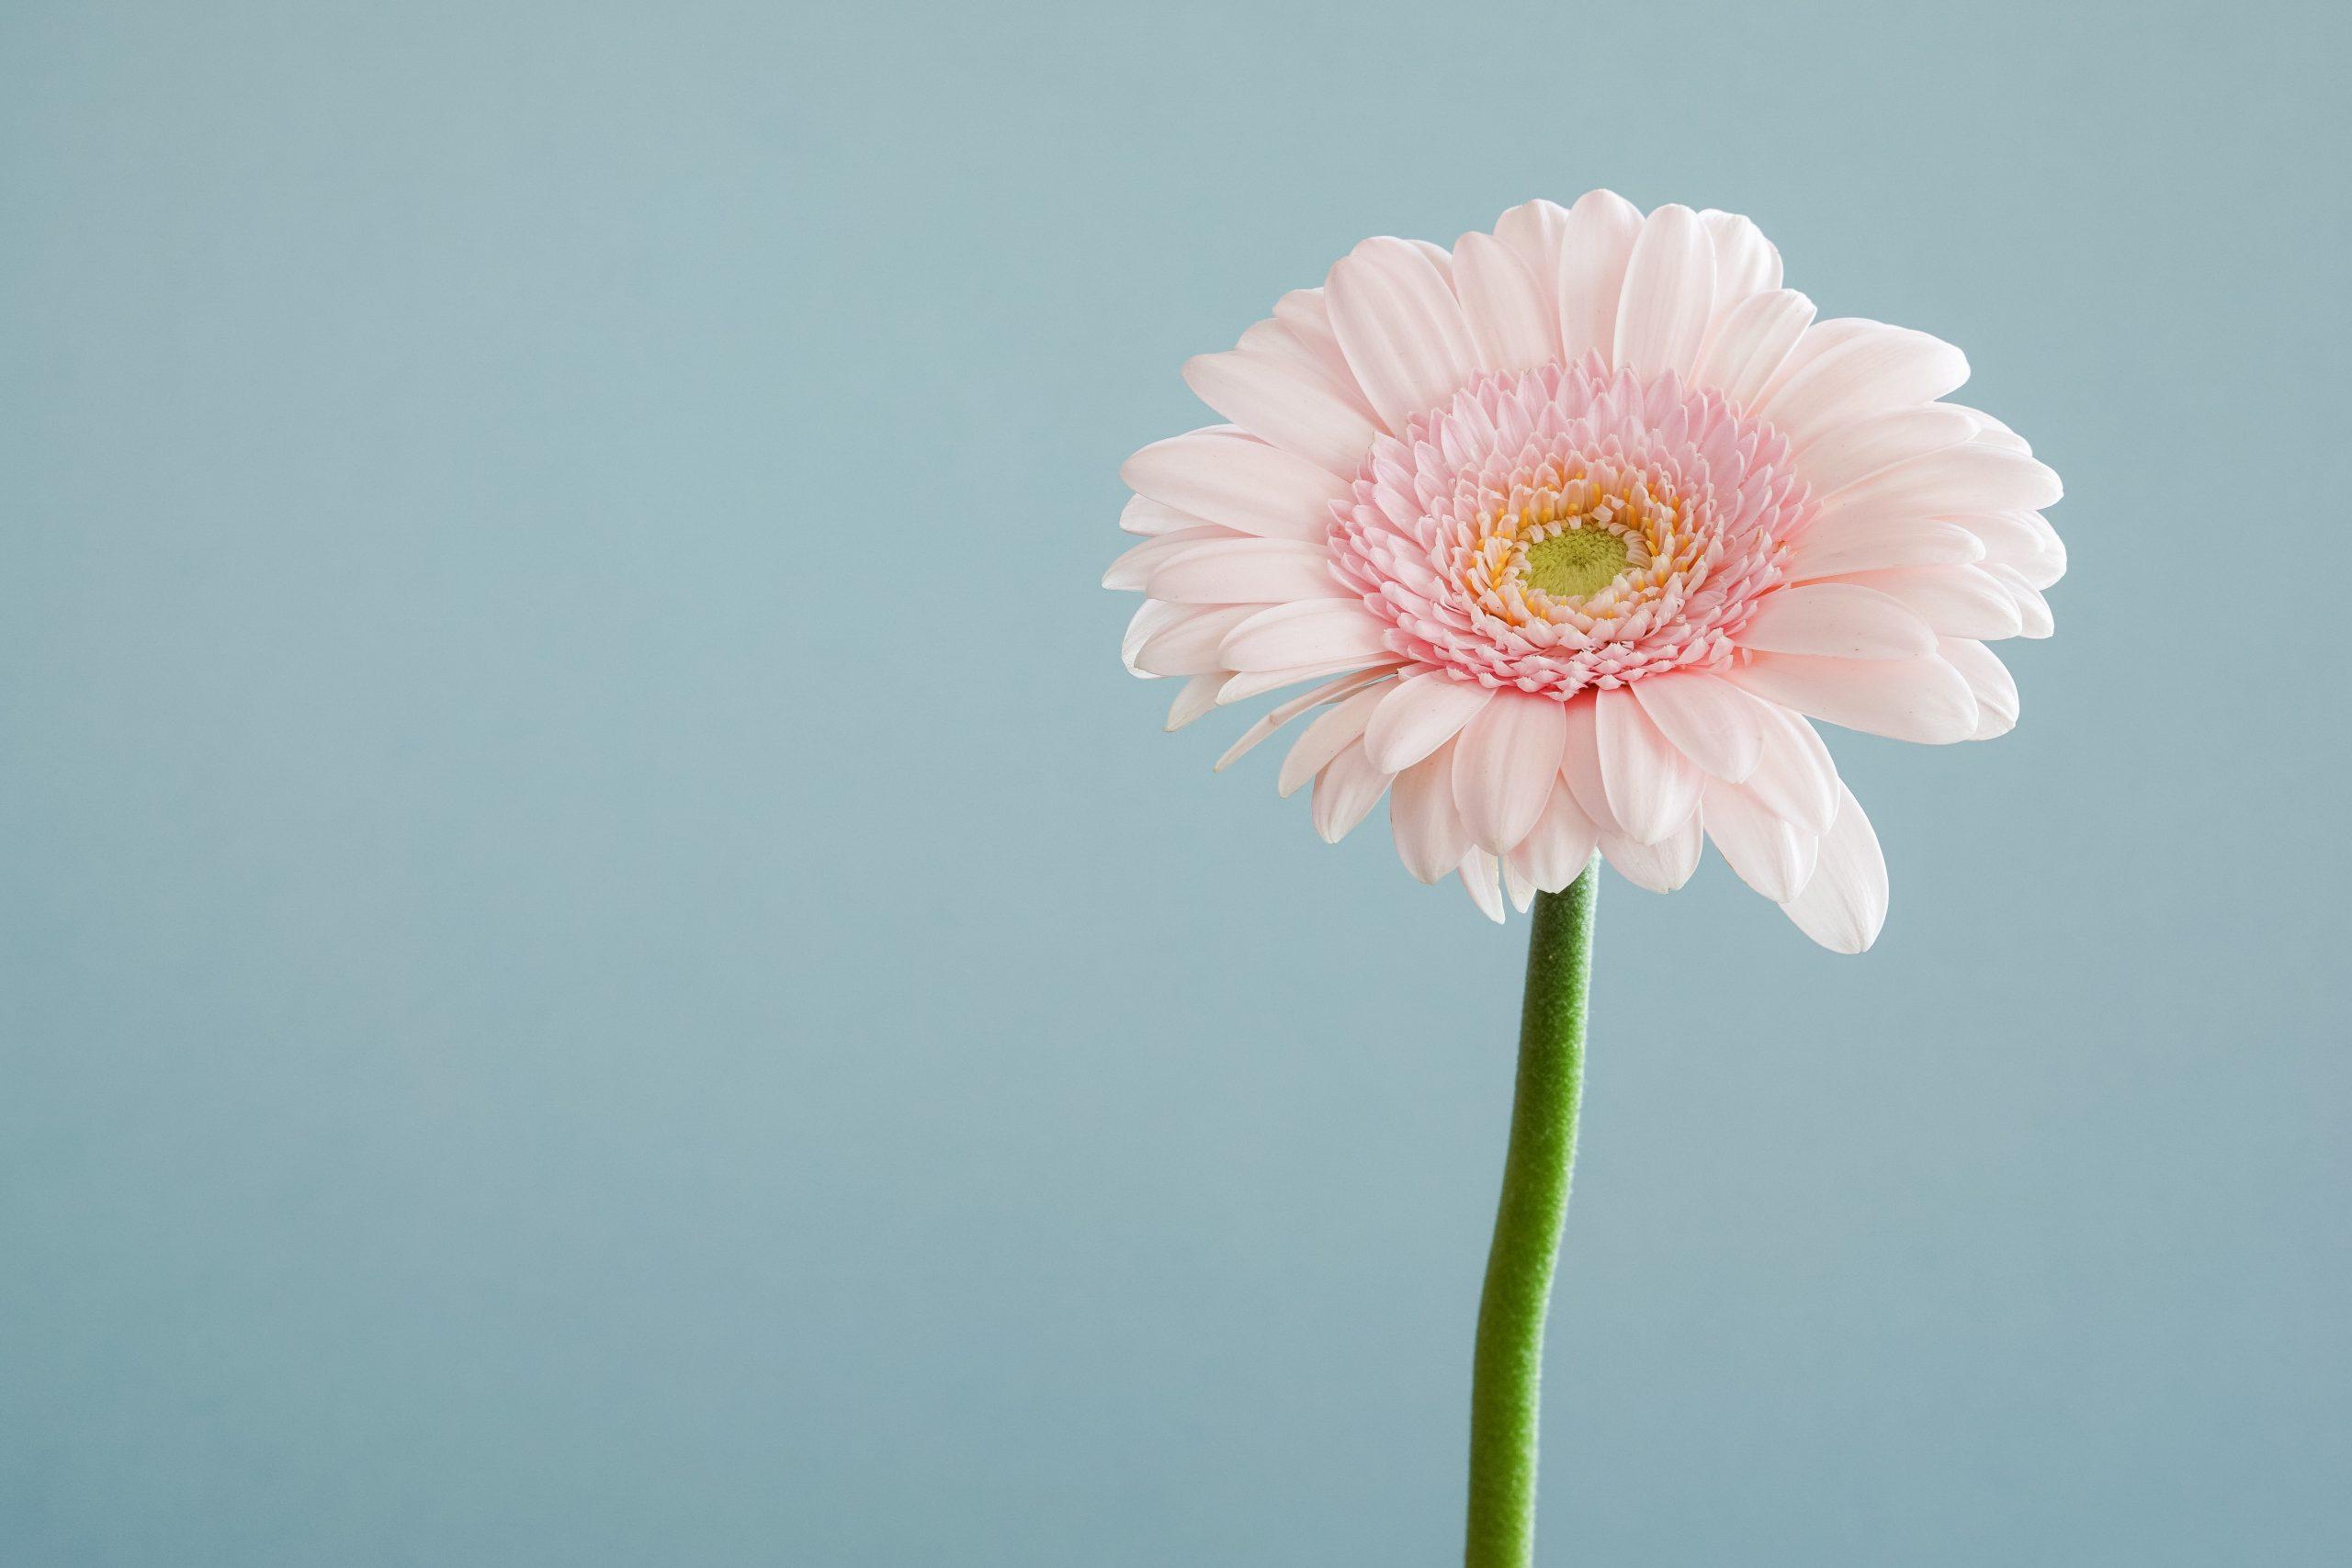 Hold dig fra en blomsterhandler ved allergi!